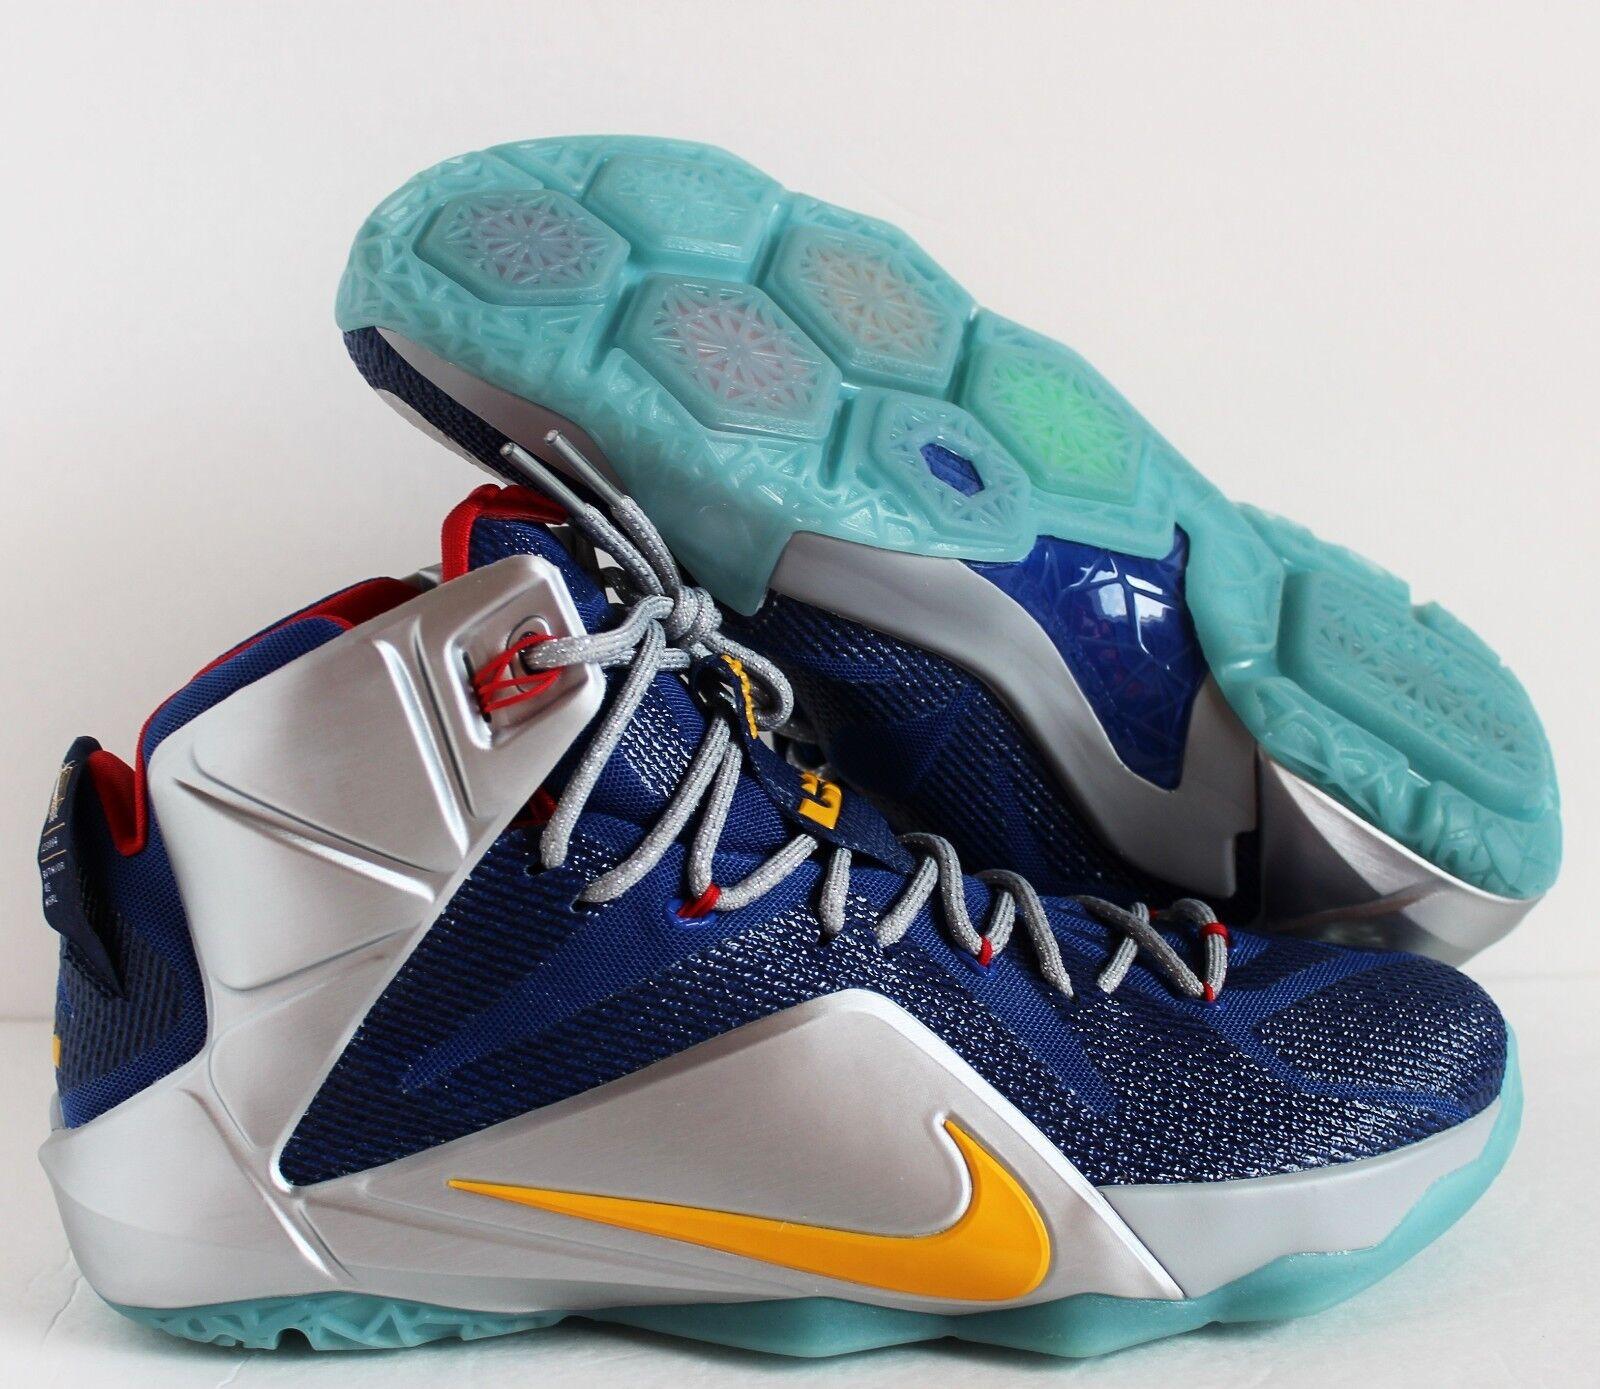 Nike Men Lebron Grey XII 12 iD Blue Grey Lebron Silver SZ 14 ( 728709-981 ) b93714